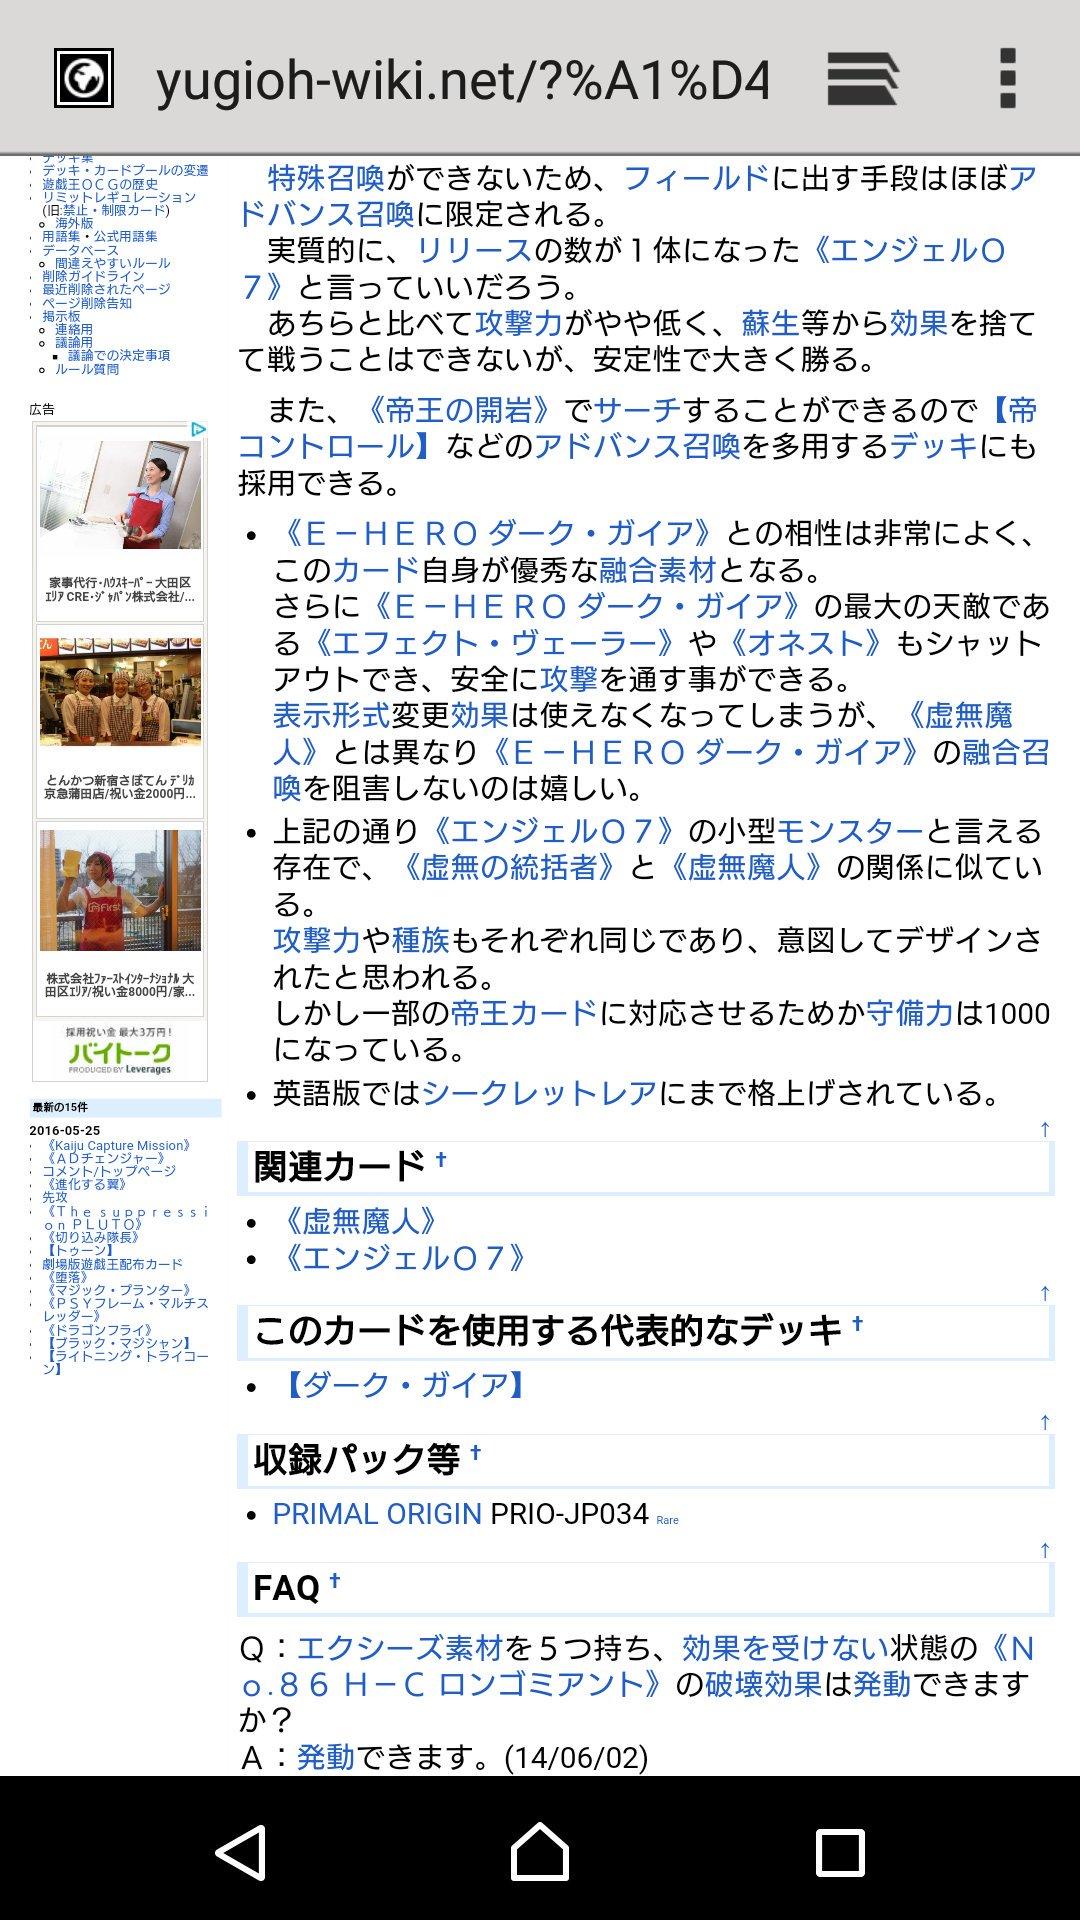 遊戯王 禁止 wiki